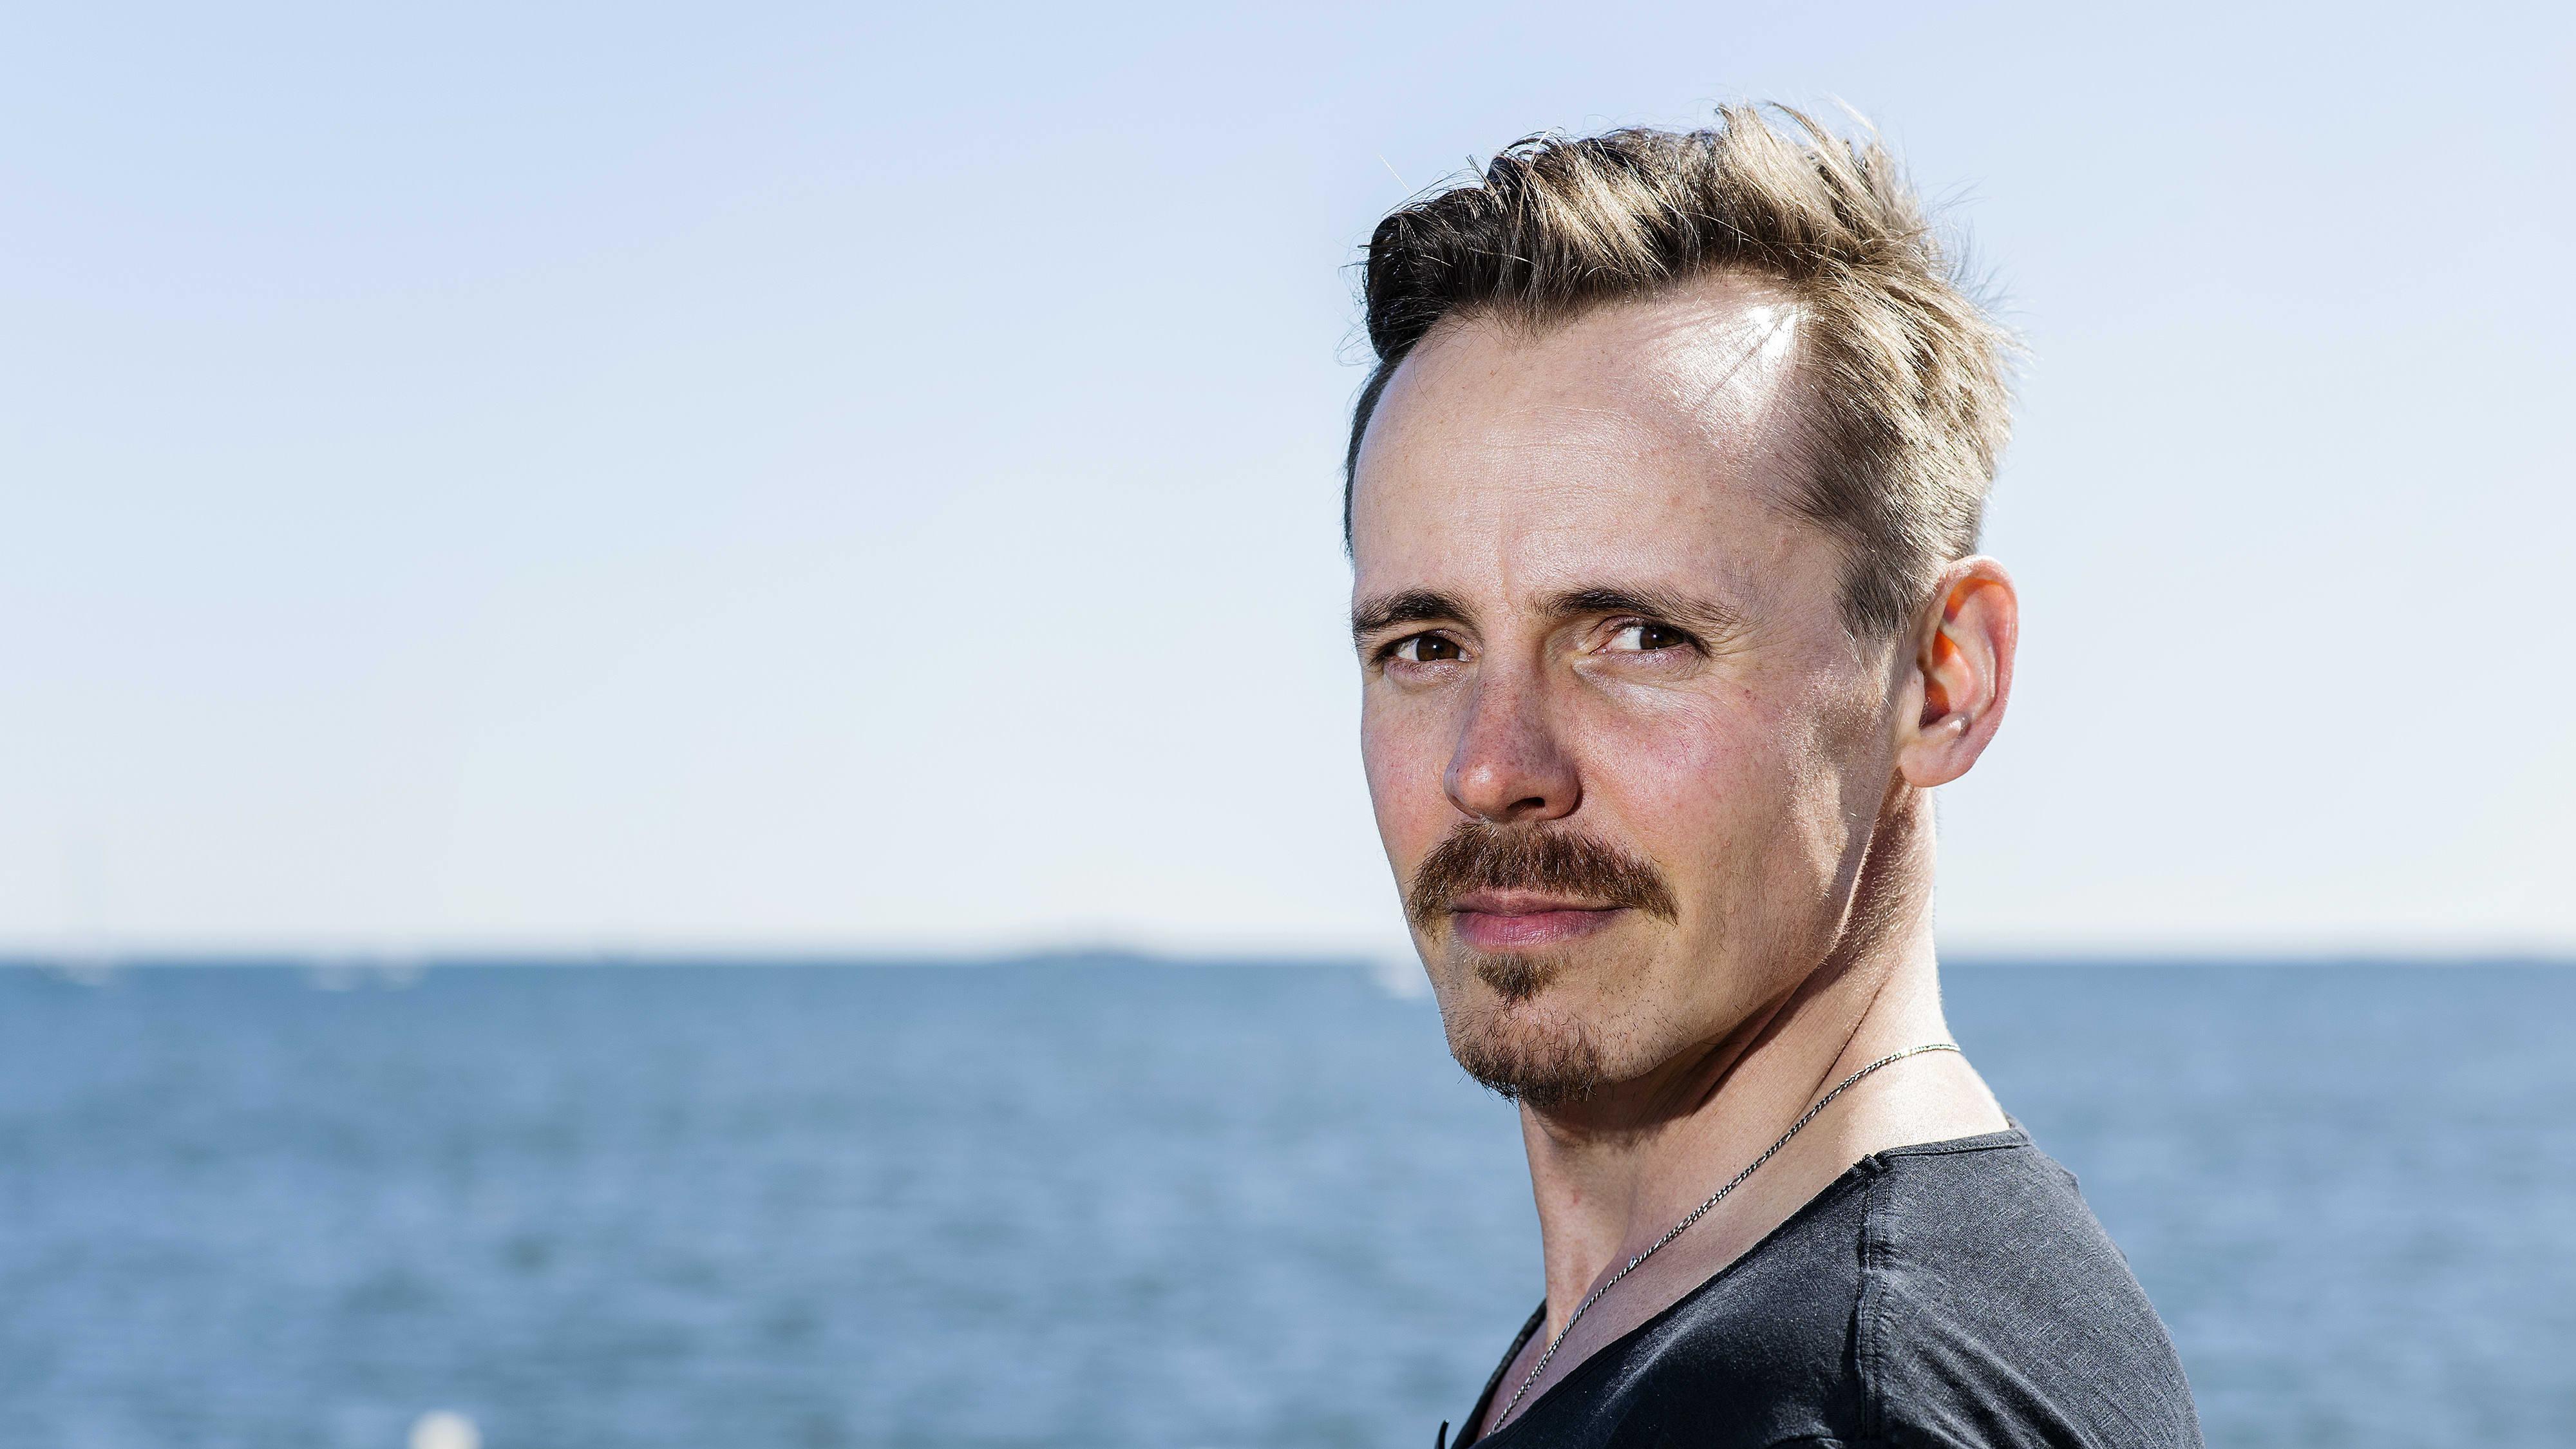 Näyttelijä Jasper Pääkkönen kuvattiin Helsingin Hernesaaressa aurinkoisena päivänä toukokuun lopulla.